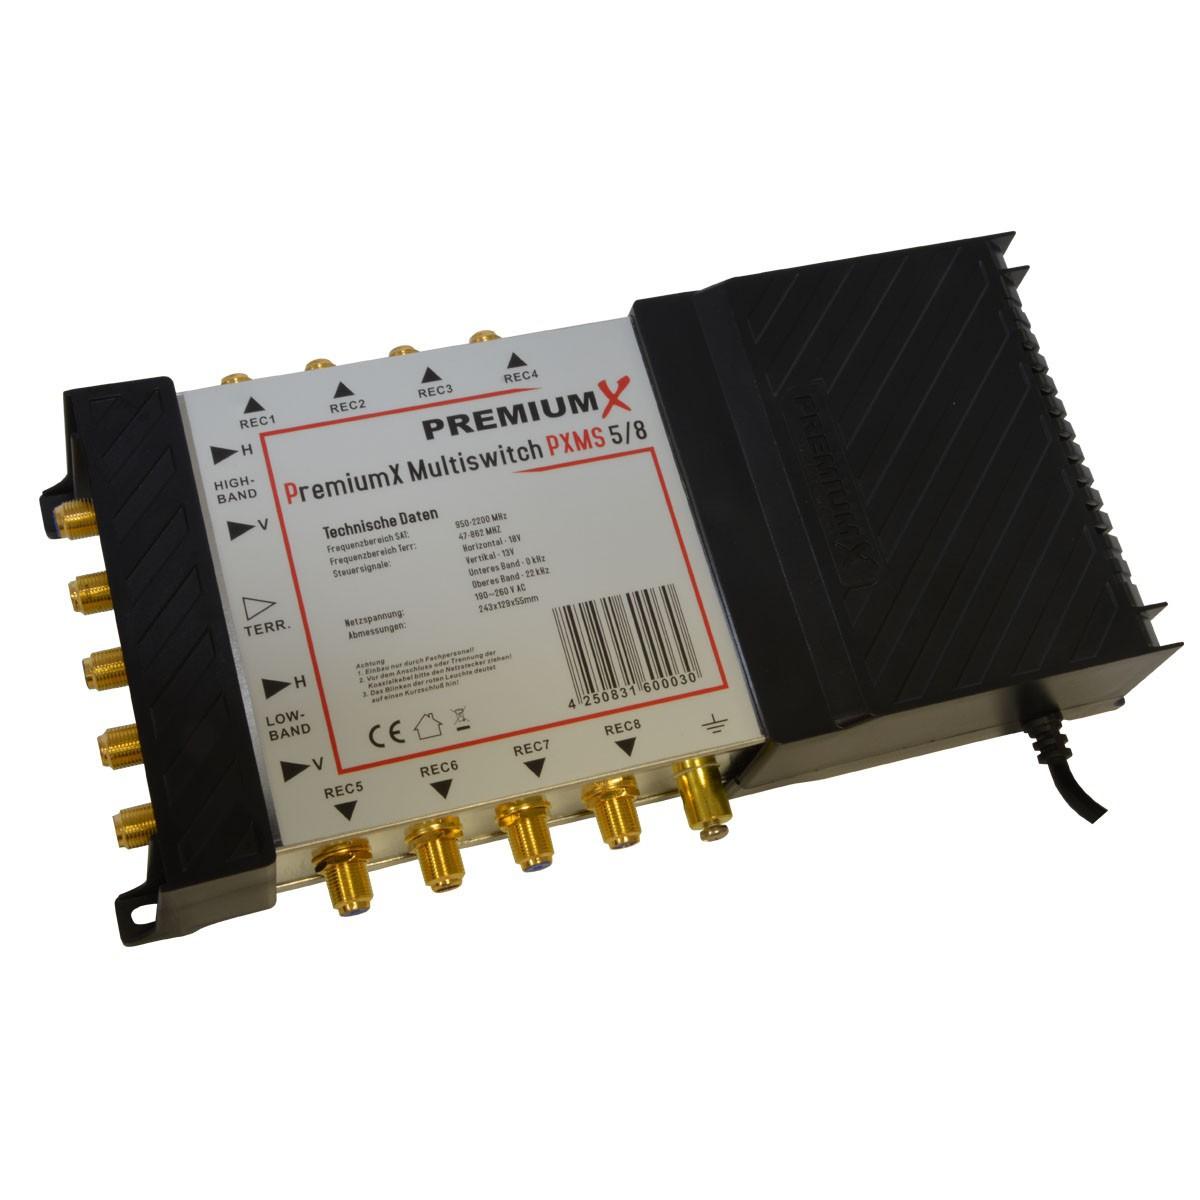 Multischalter PremiumX PXMS-5/8 Multiswitch 5/8 mit Netzteil + Octagon Optima OQLO Quattro LNB 0,1dB Verstärkung 65dB , 1x SAT für 8 Teilnehmer TOP